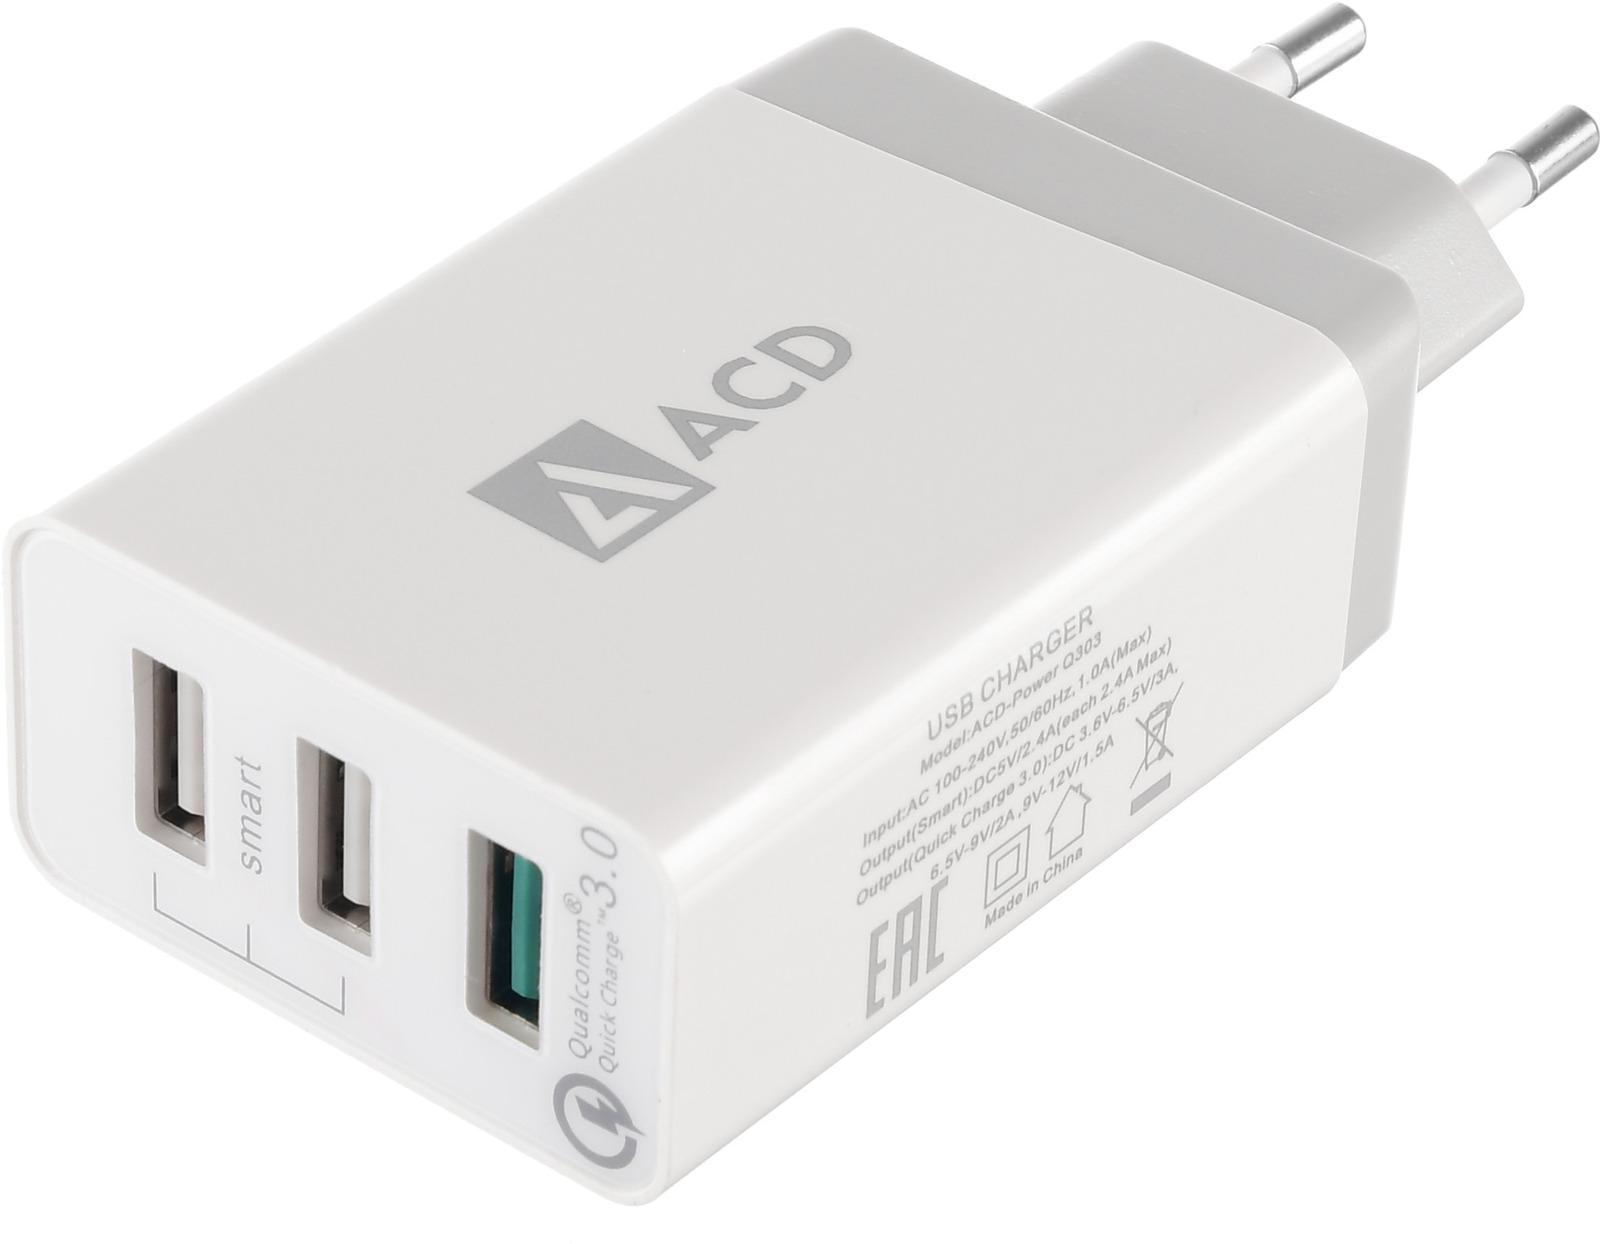 Сетевое зарядное устройство ACD, 30Вт, ACD-Q303-X3W аксессуар acd link usb c usb a 1m white acd u910 c2w